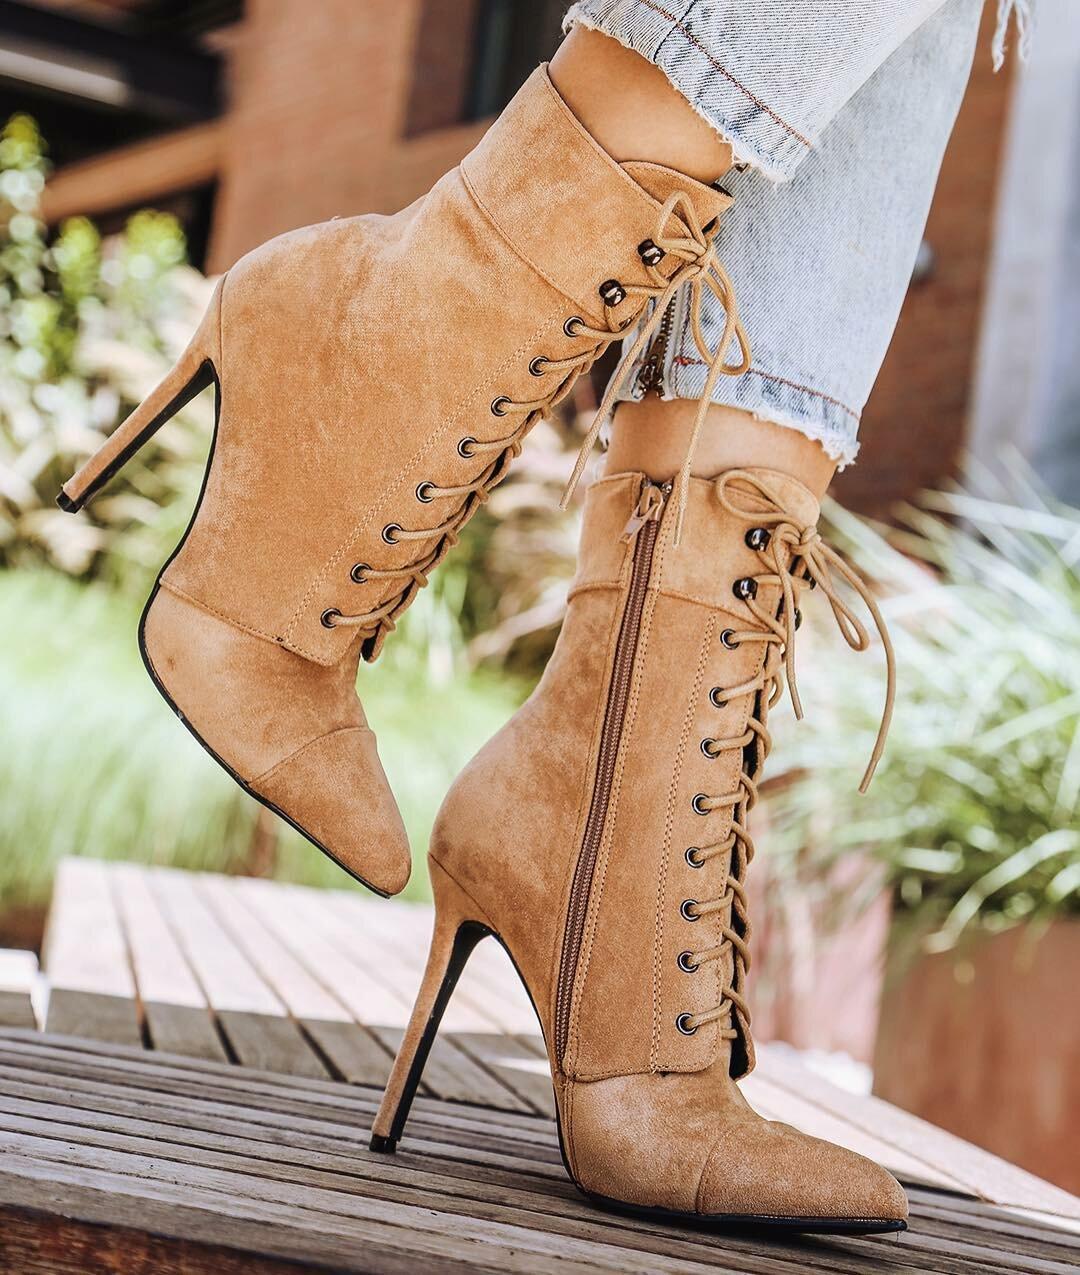 5 секретов стилистов в подборе обуви, которые всегда отлично работают